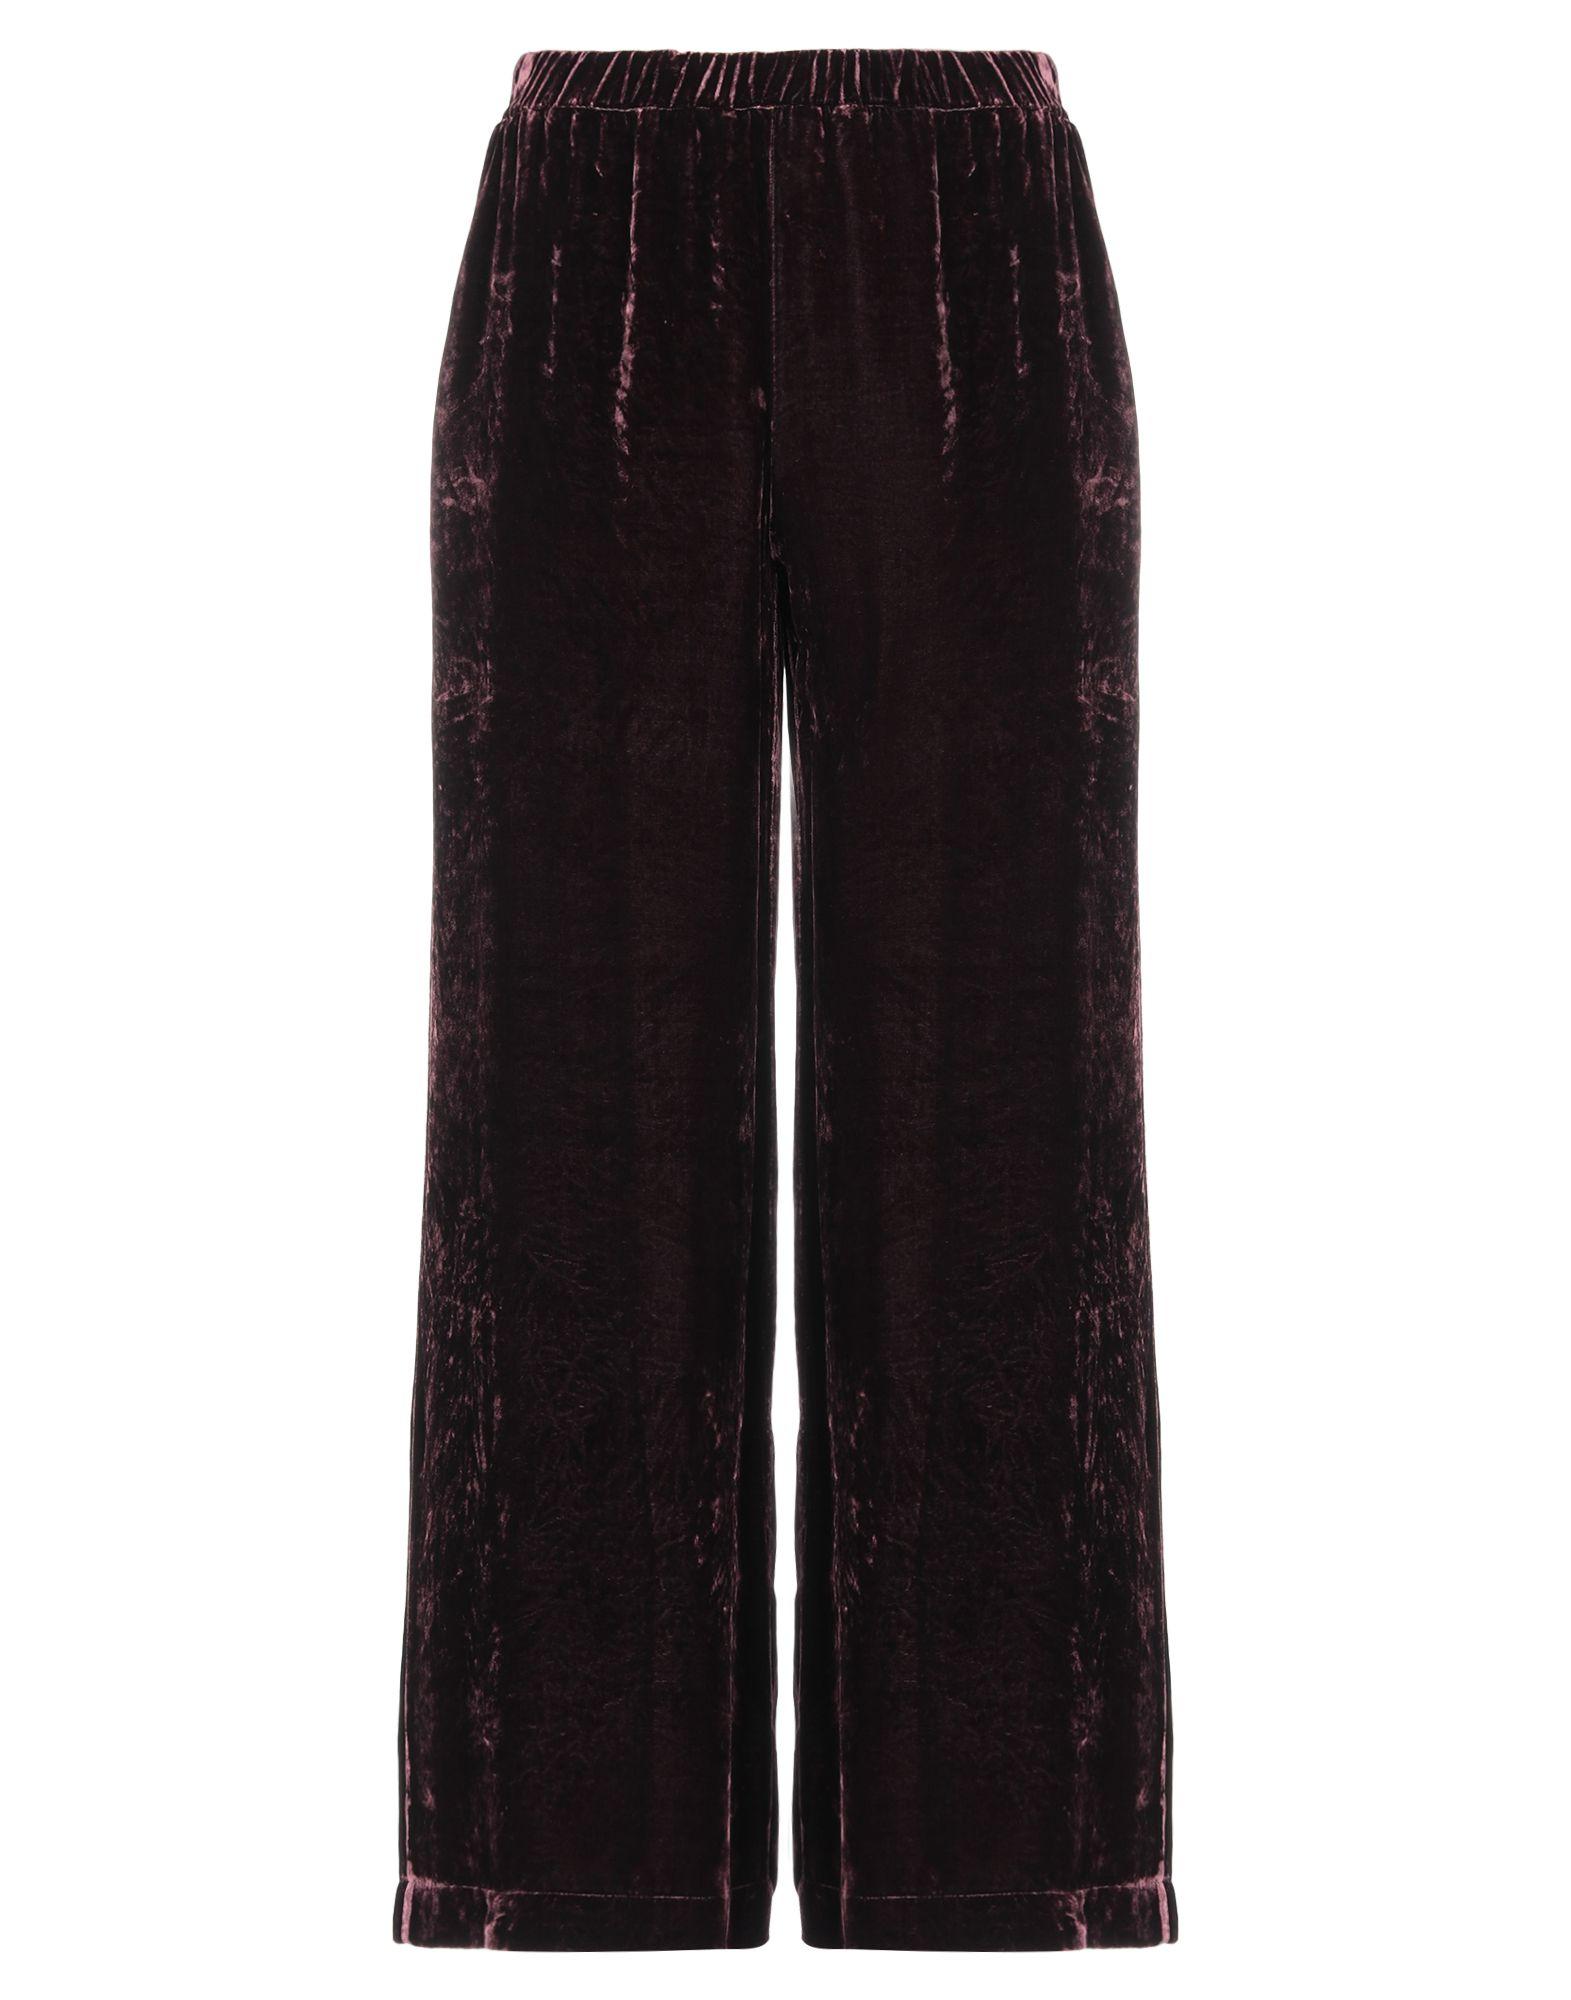 Фото - SHIRT C-ZERO Повседневные брюки дутики для девочки biki цвет черный a b23 33 c размер 34